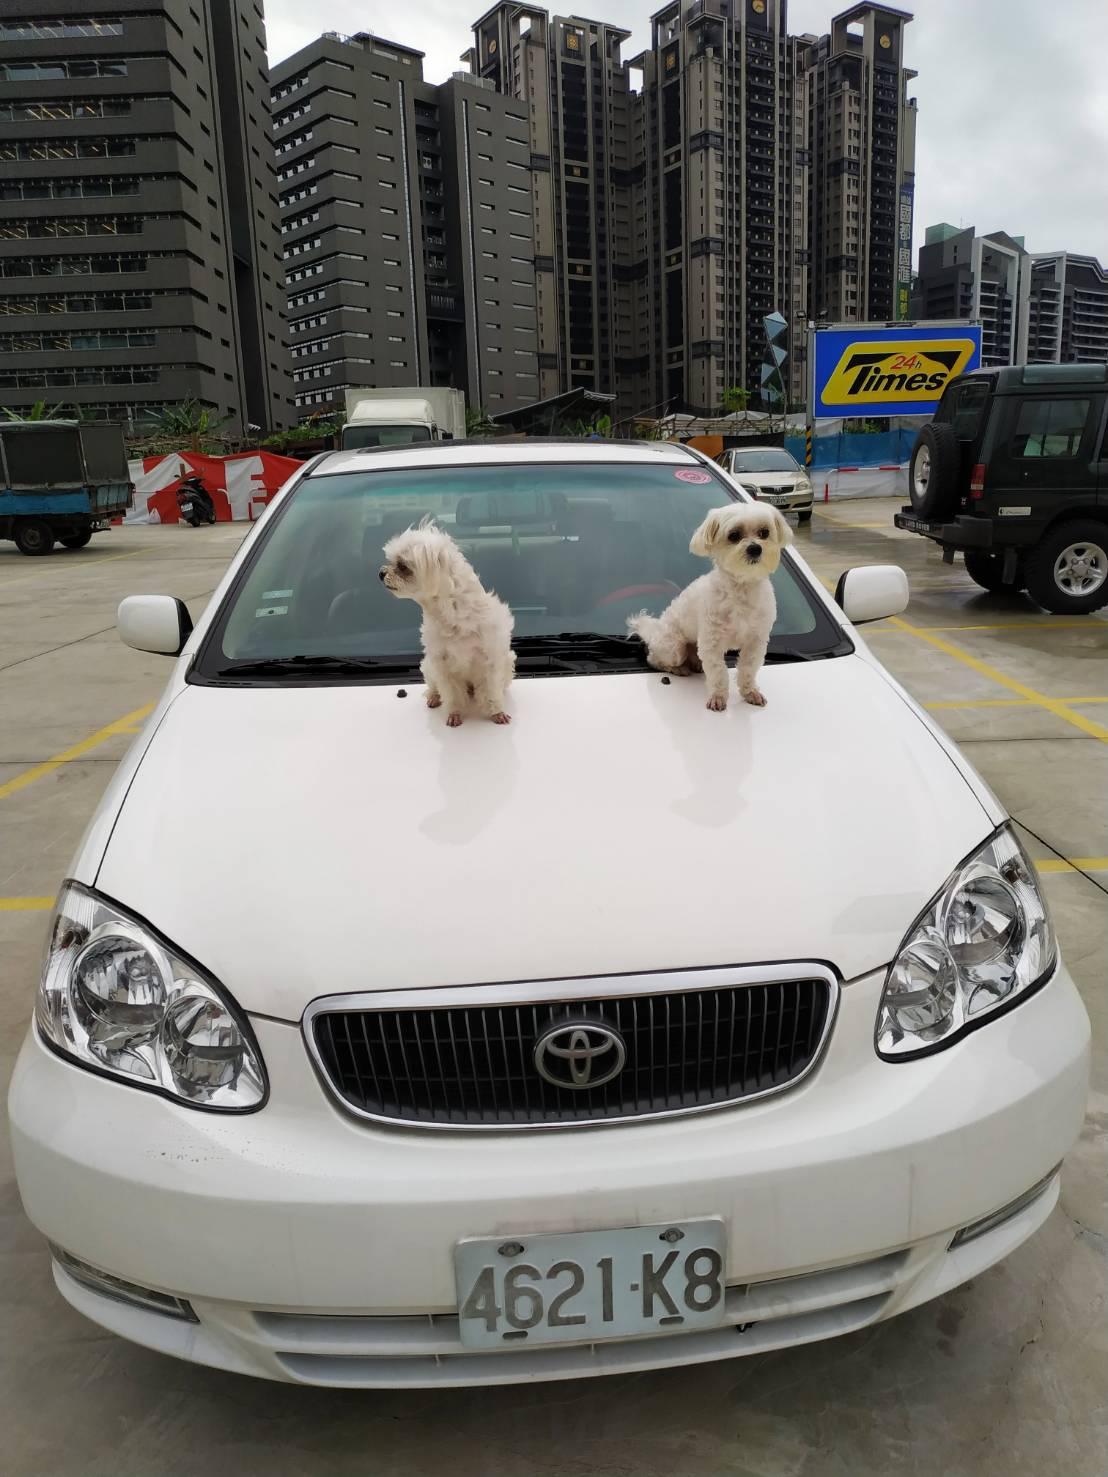 萌狗包車,寵物包車,寵物包車一日遊,萌狗包車推薦,狗狗包車 (8)